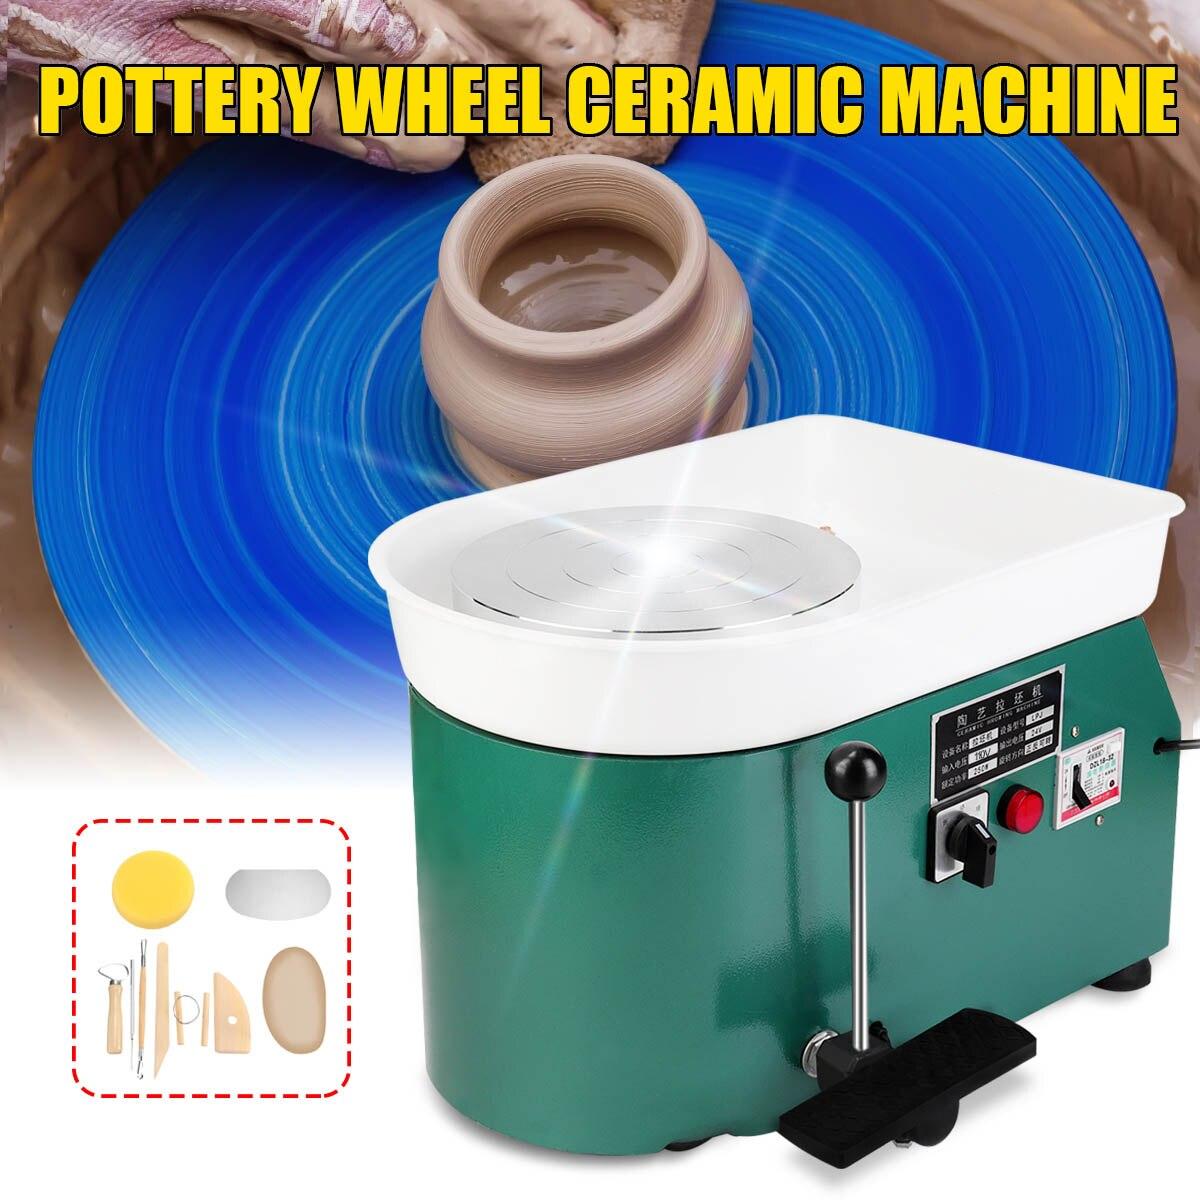 350 W 110 V US élégant vert électrique poterie roue Machine accessoire céramique argile outil pied pédale Art artisanat